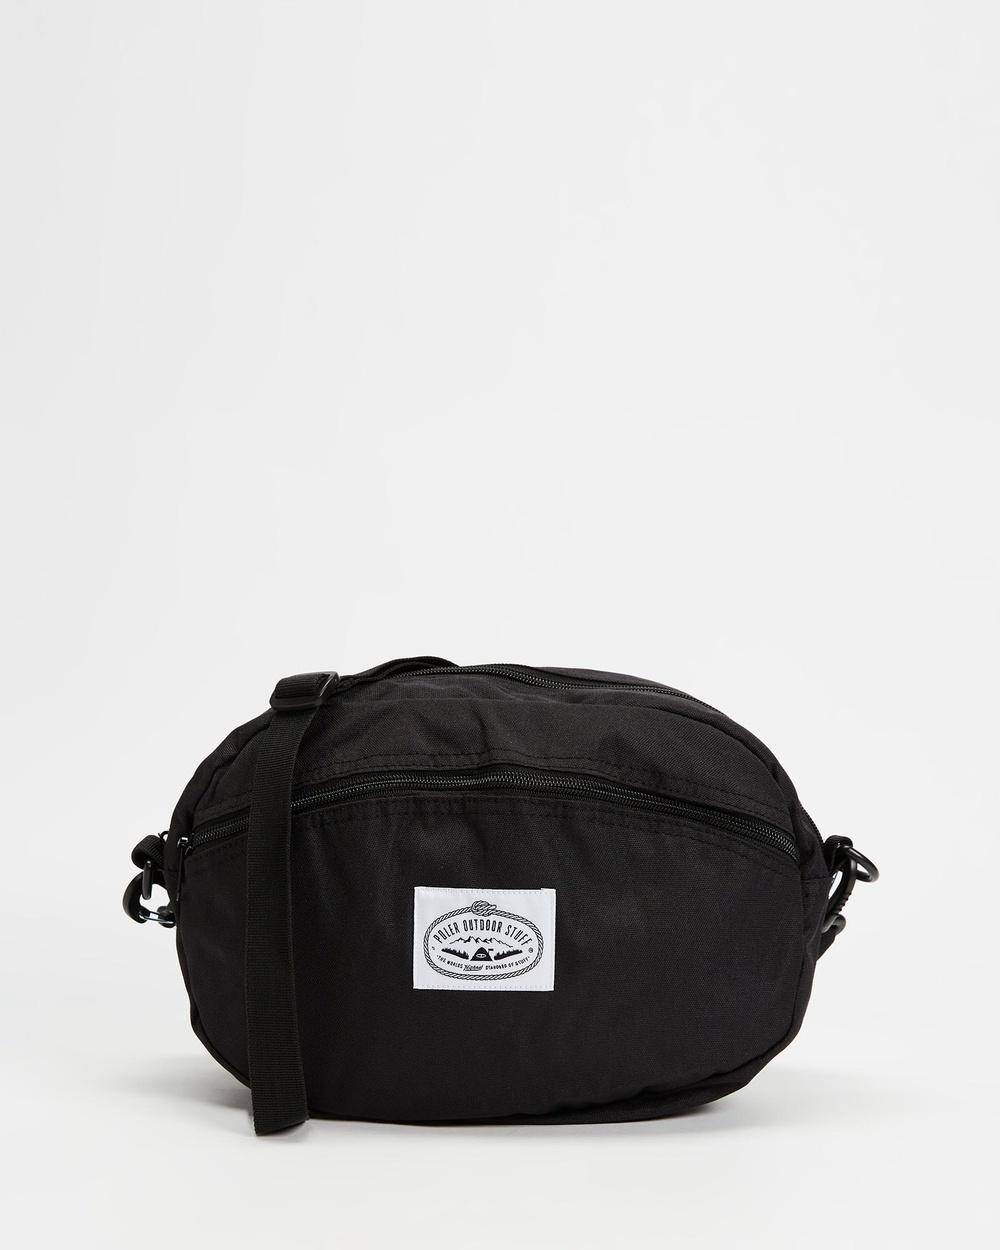 Poler Round Shoulder Bag Bags Black